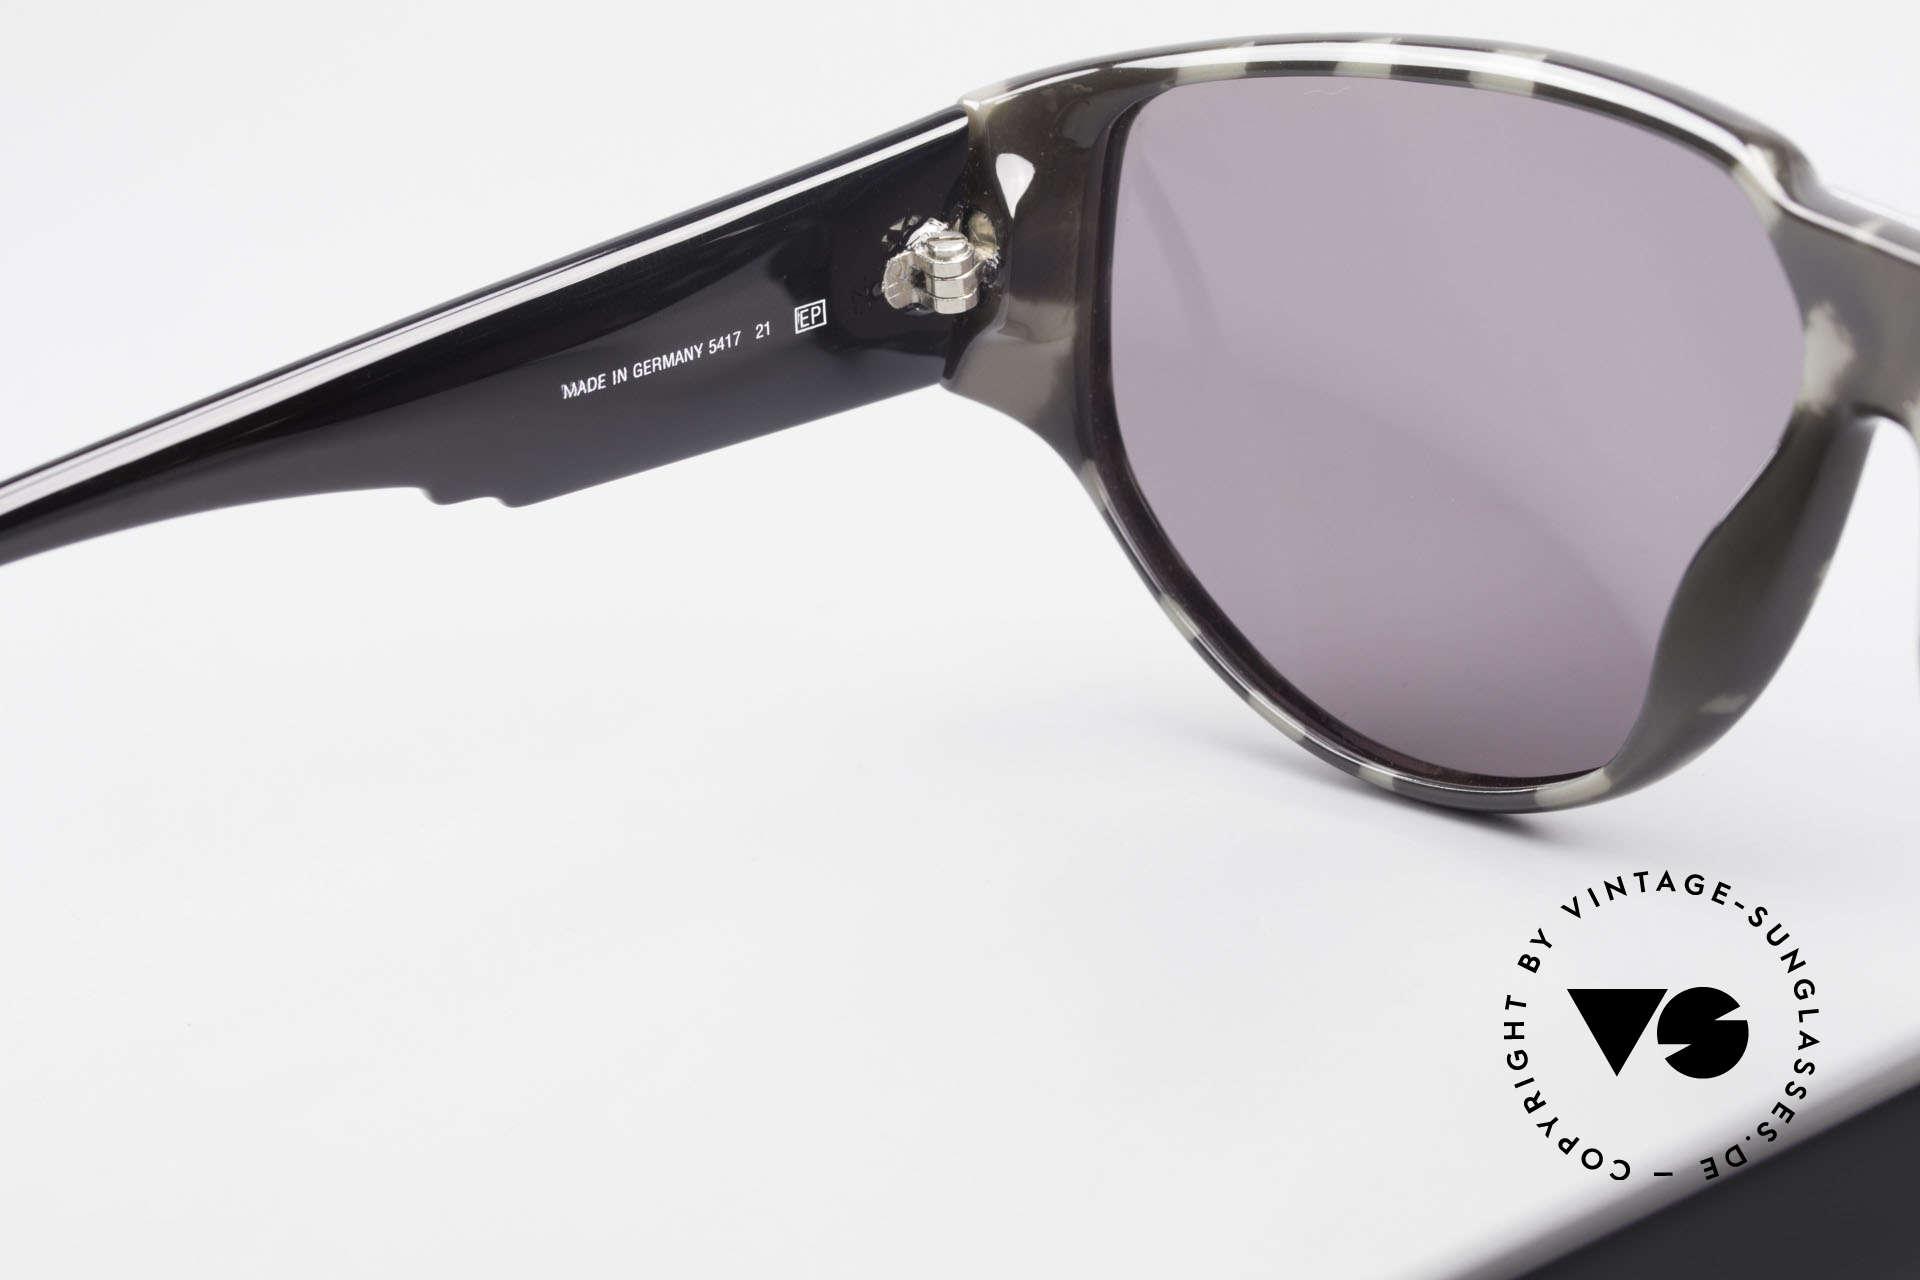 Carrera 5417 Camouflage Sportsonnenbrille, ungetragen (wie alle unsere Carrera Sonnenbrillen), Passend für Herren